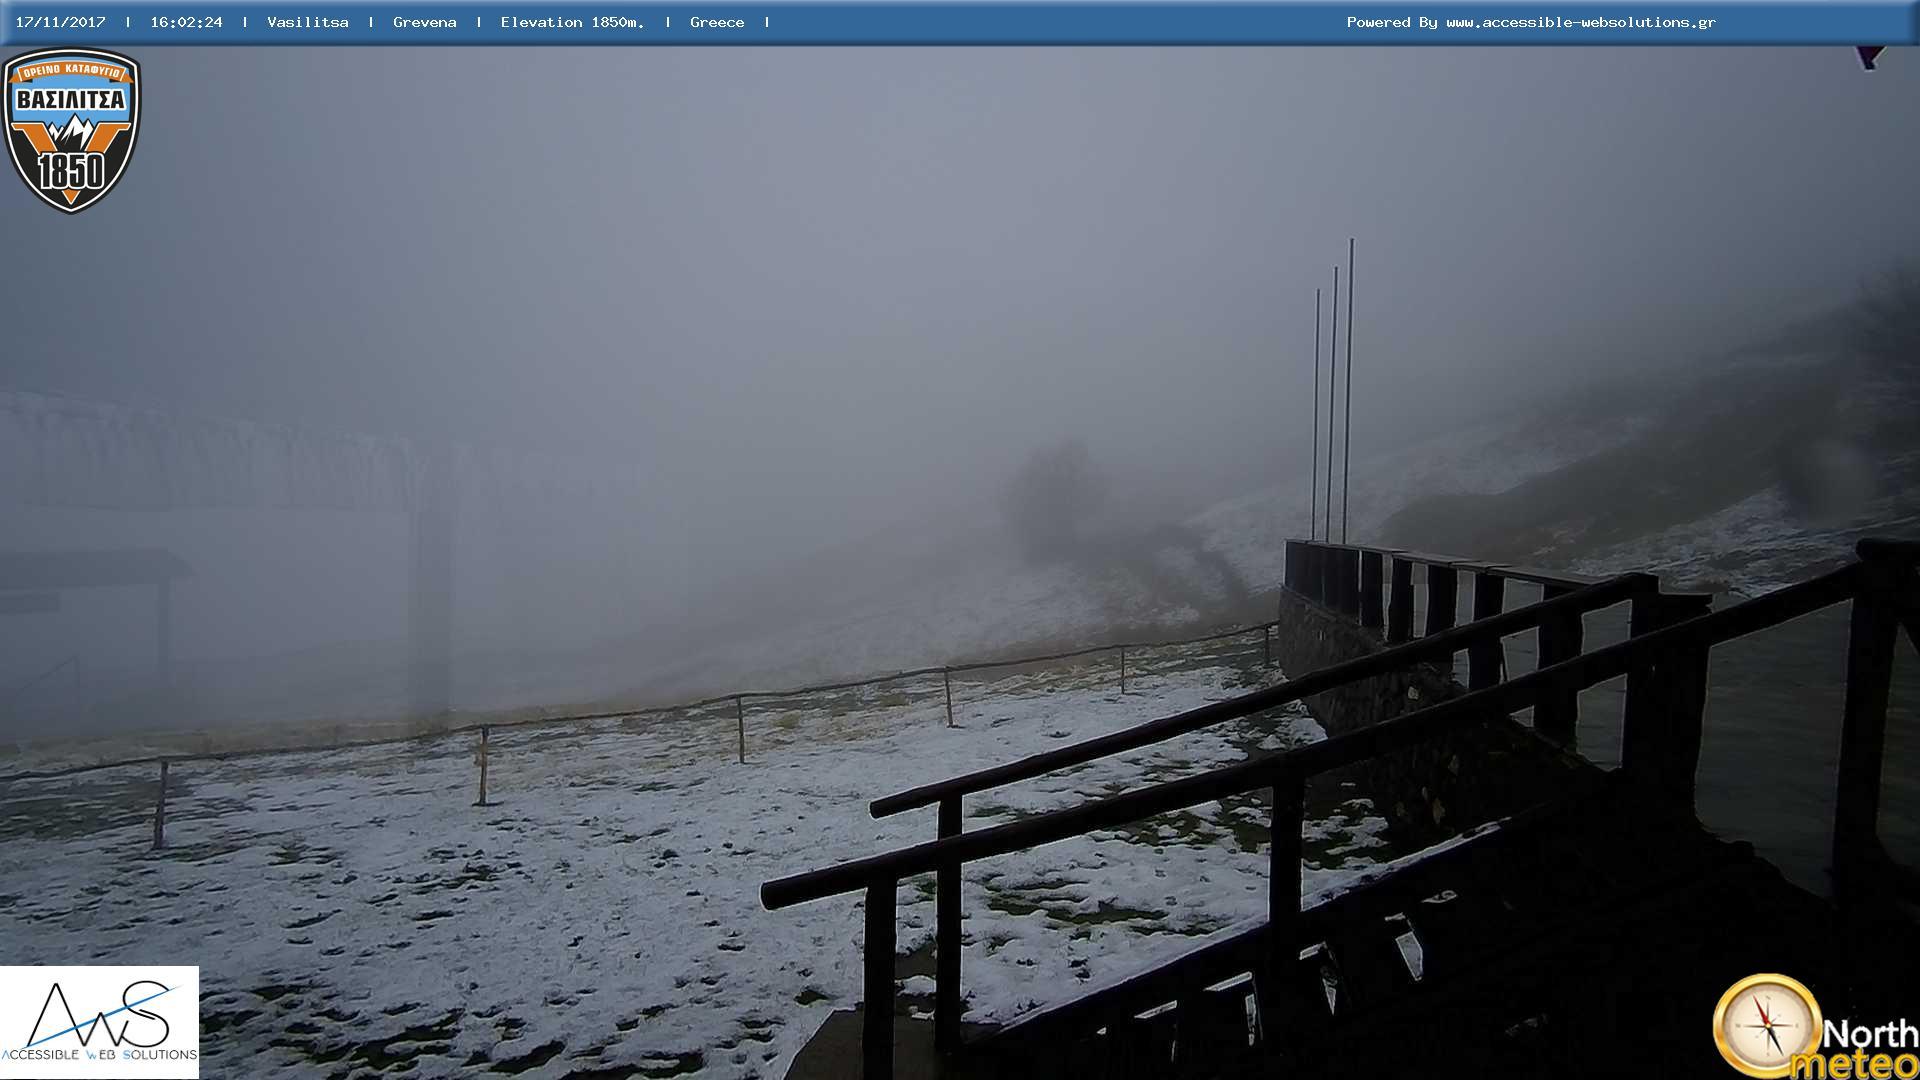 Χιονοδρομικό Κέντρο Βασιλίτσας Live Straming Web Camera HD